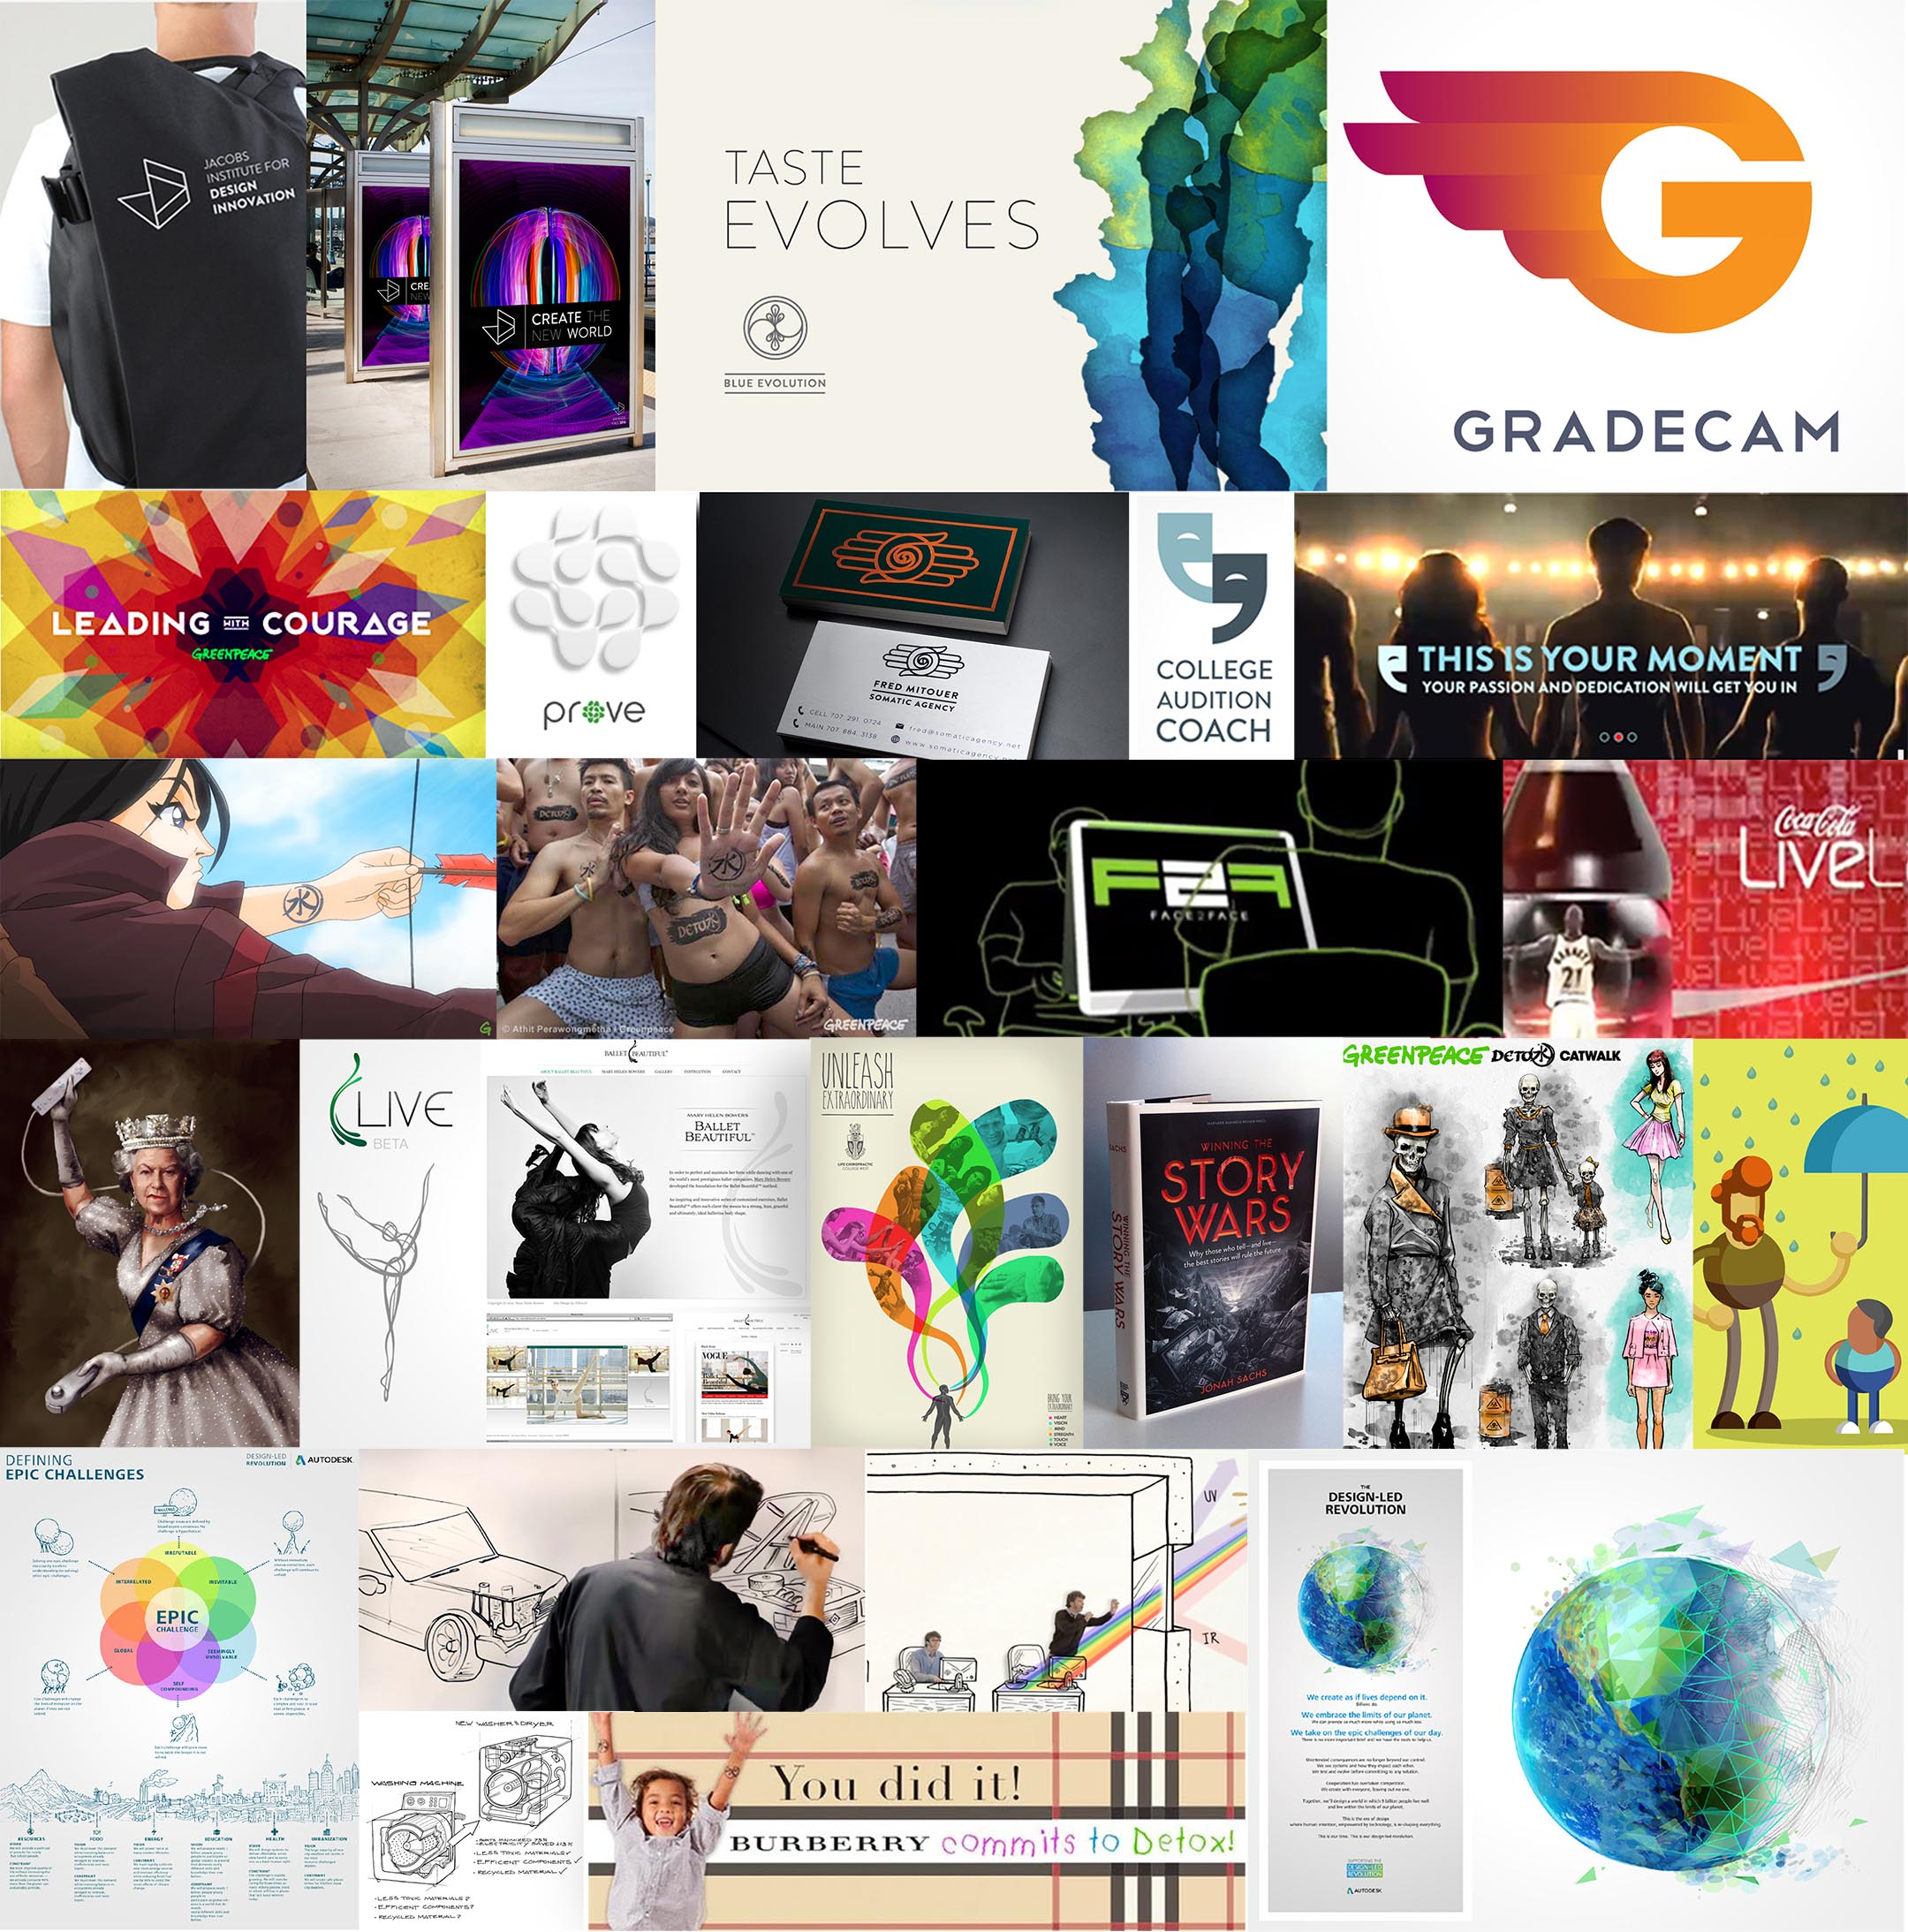 branding site gallery.jpg